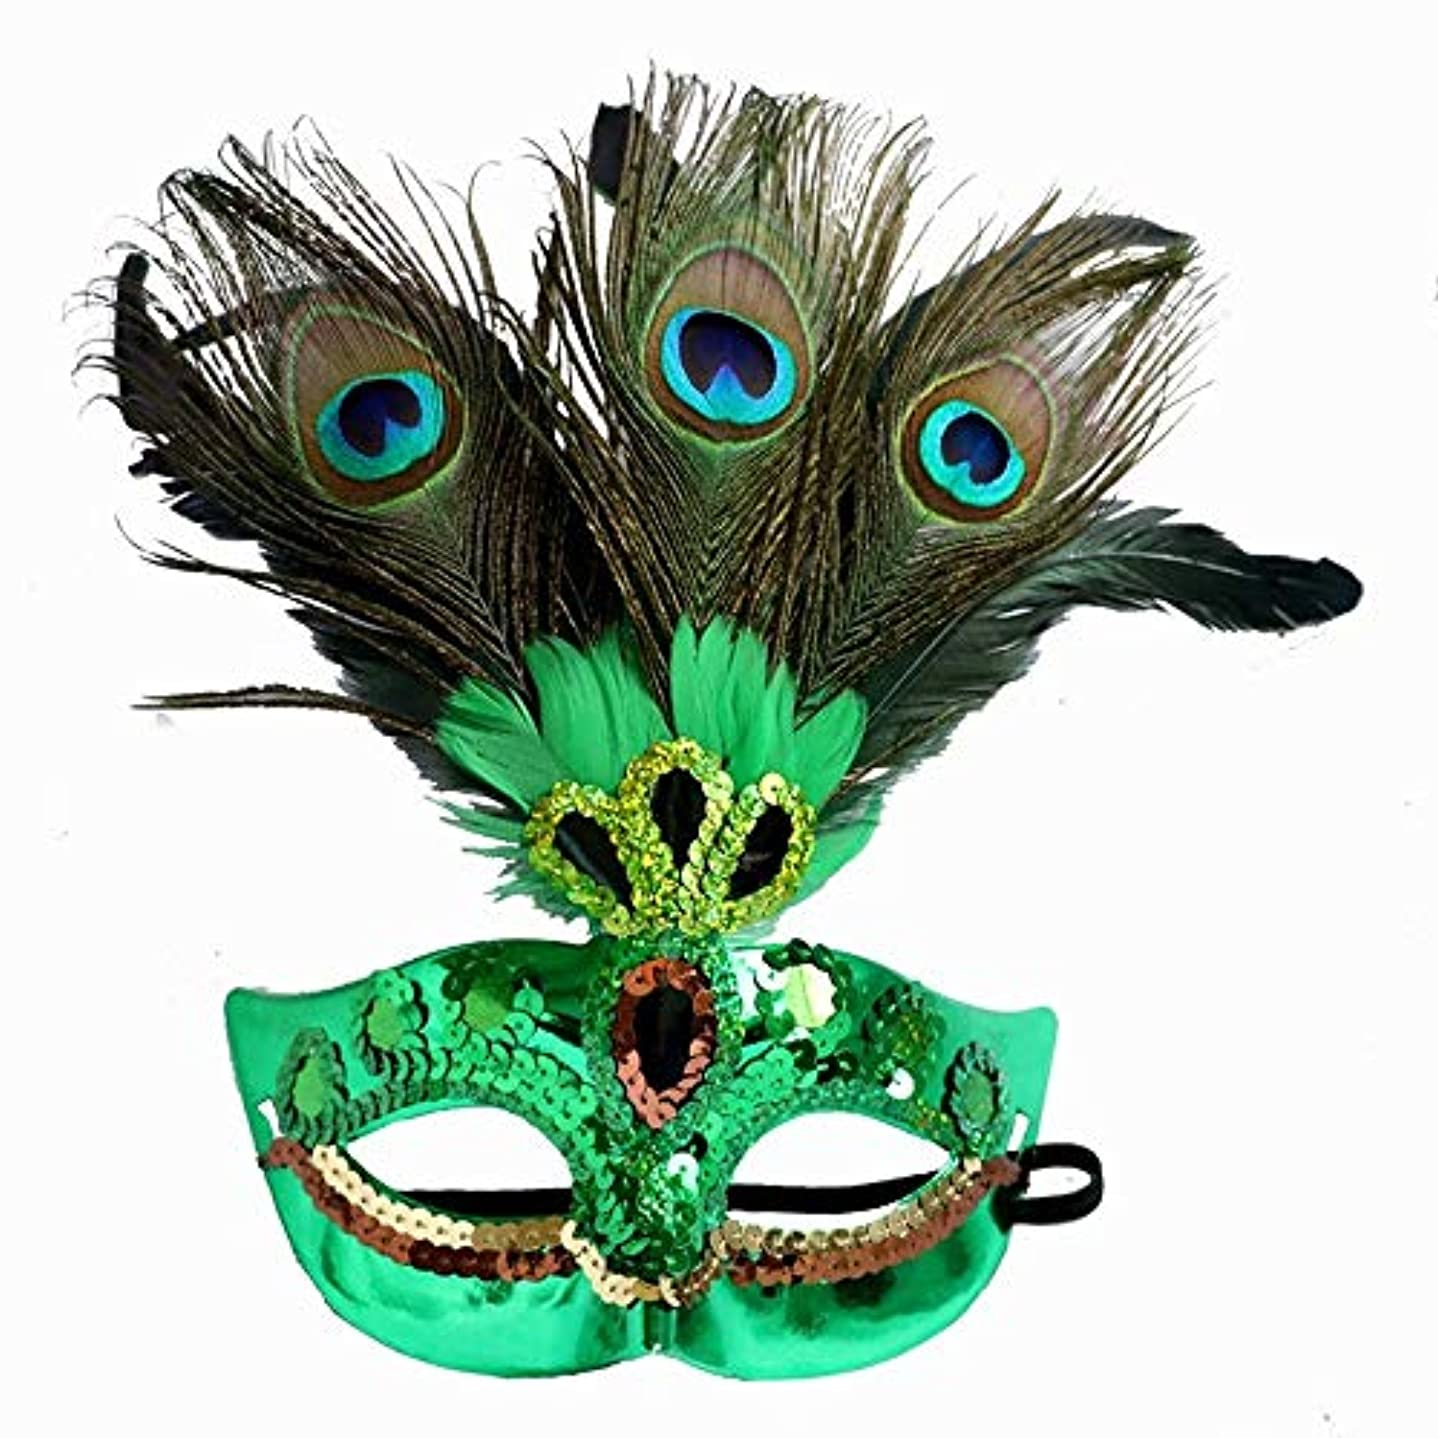 シニス麦芽広範囲にダンスマスク 仮面舞踏会マスククジャクの羽パーティー衣装ハロウィンマスクボール目猫女性マスクハーフマスク ホリデーパーティー用品 (色 : 緑, サイズ : 18x25cm)